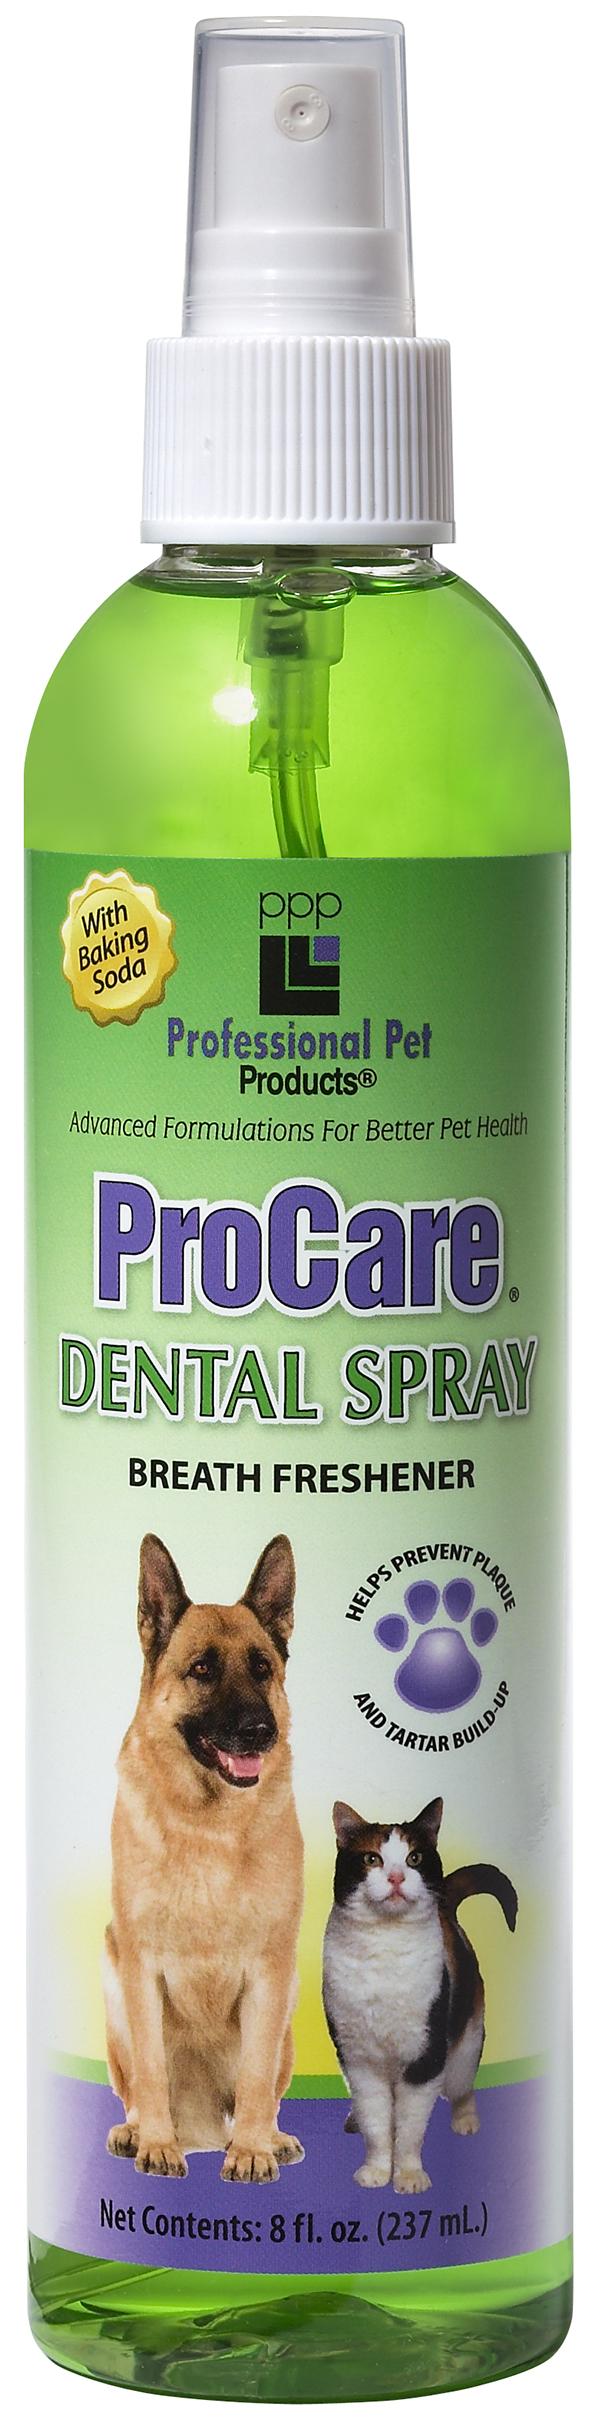 A825 Procare Dental Spray.jpg